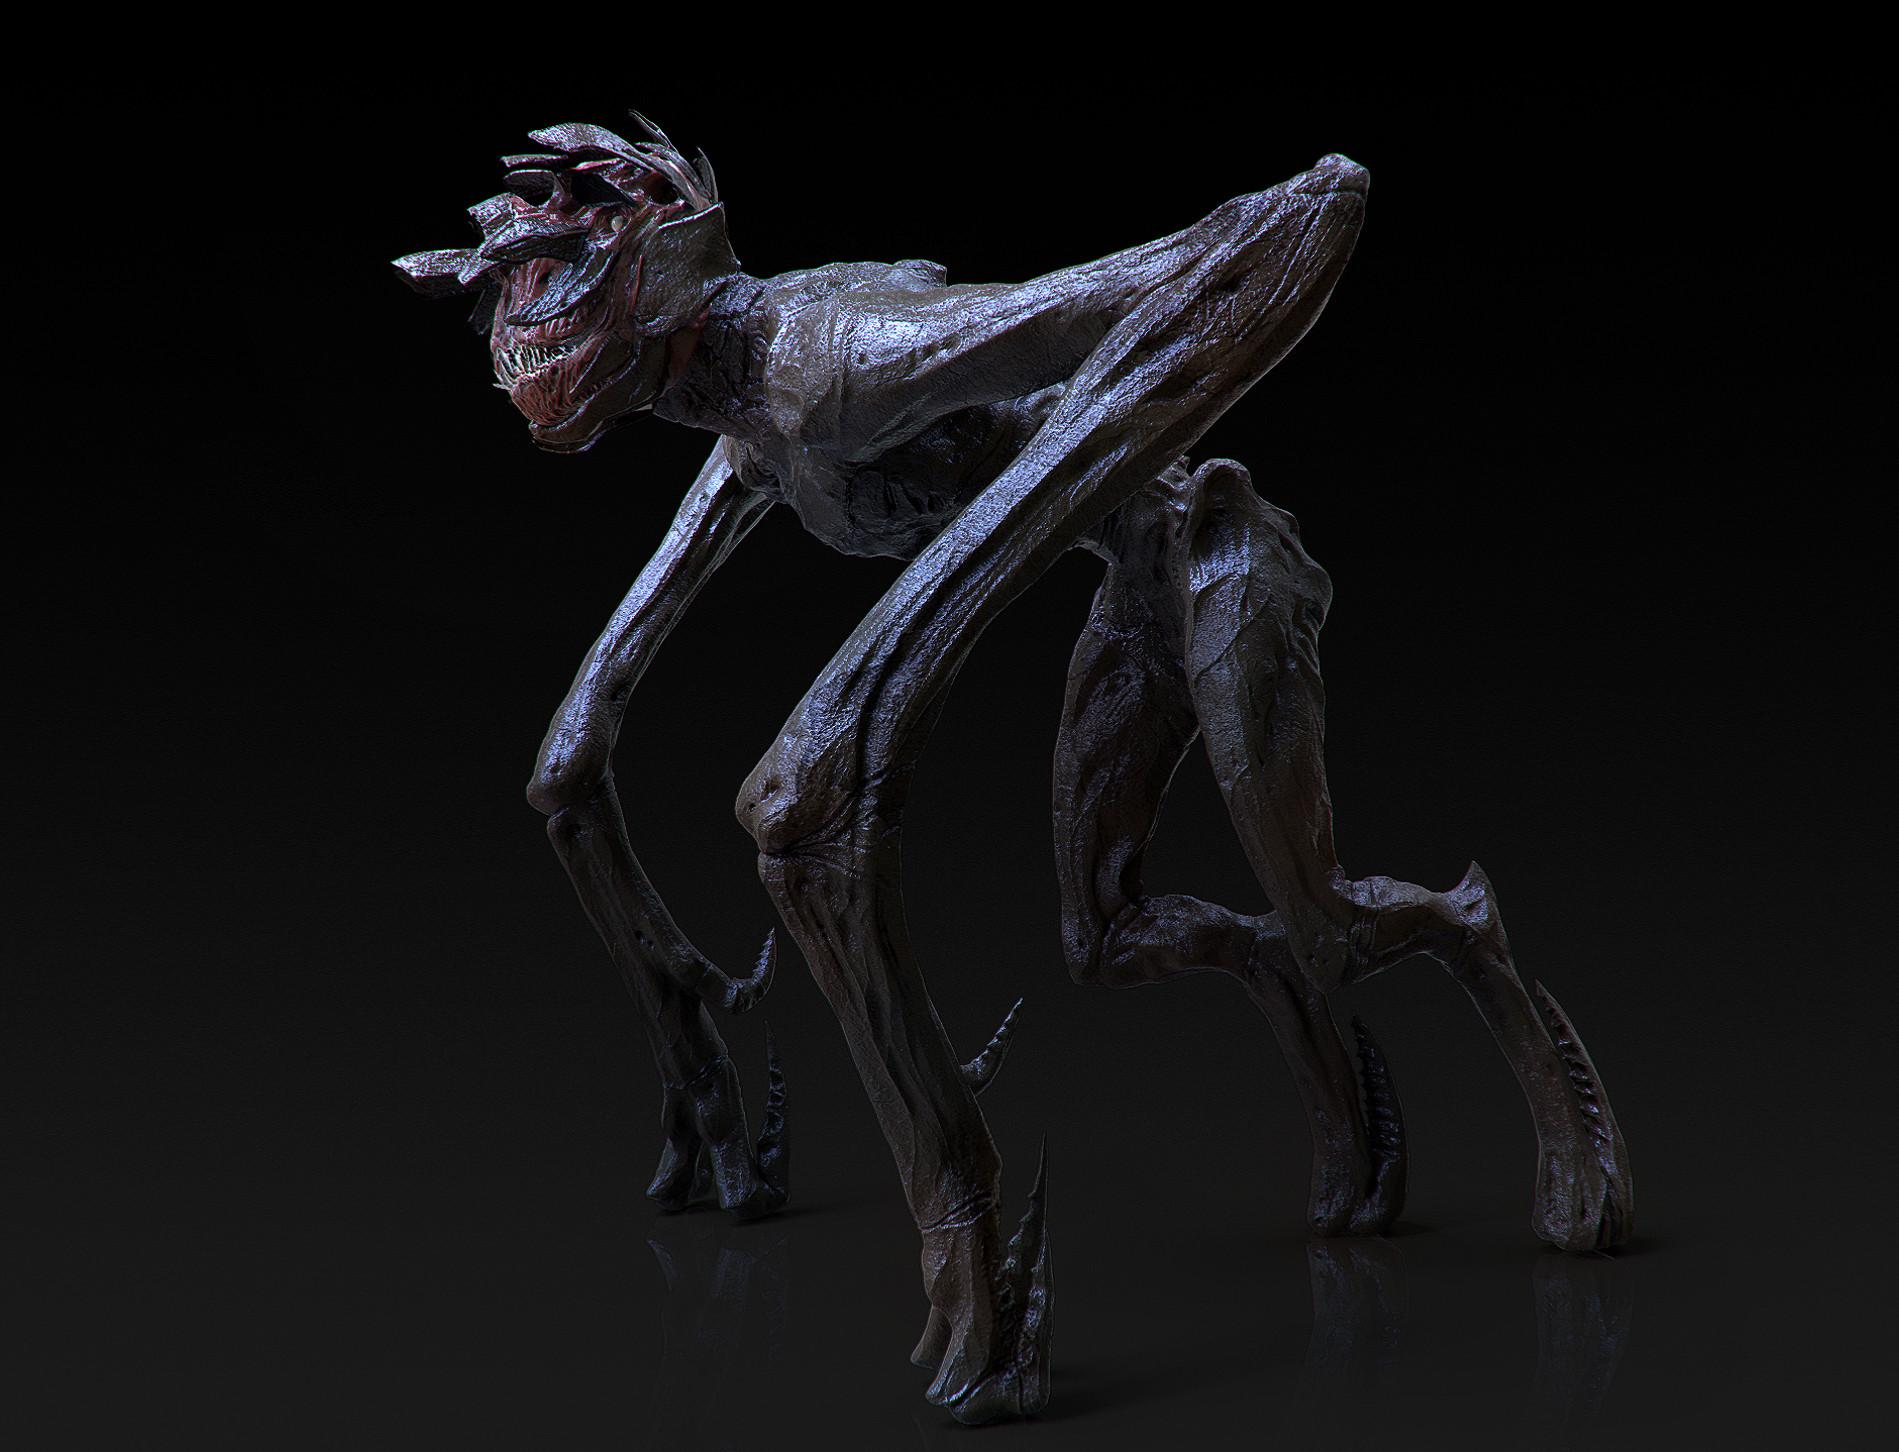 Luis carrasco quietplace creature lc 6b